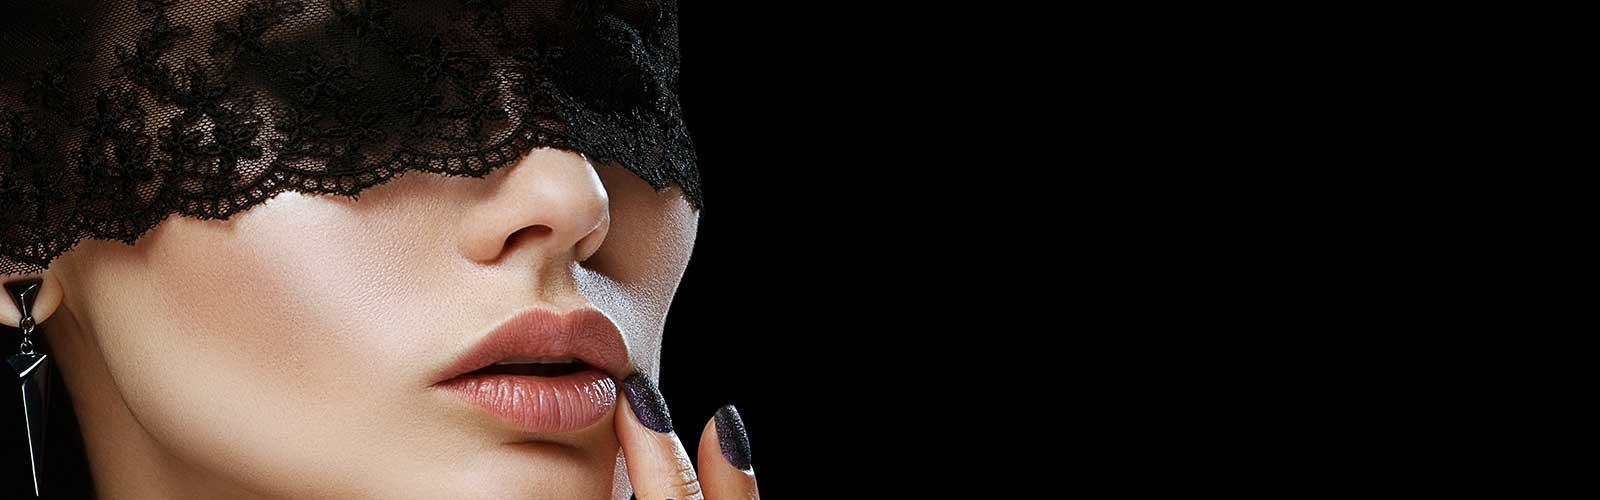 Masker på sexleksaker365.se